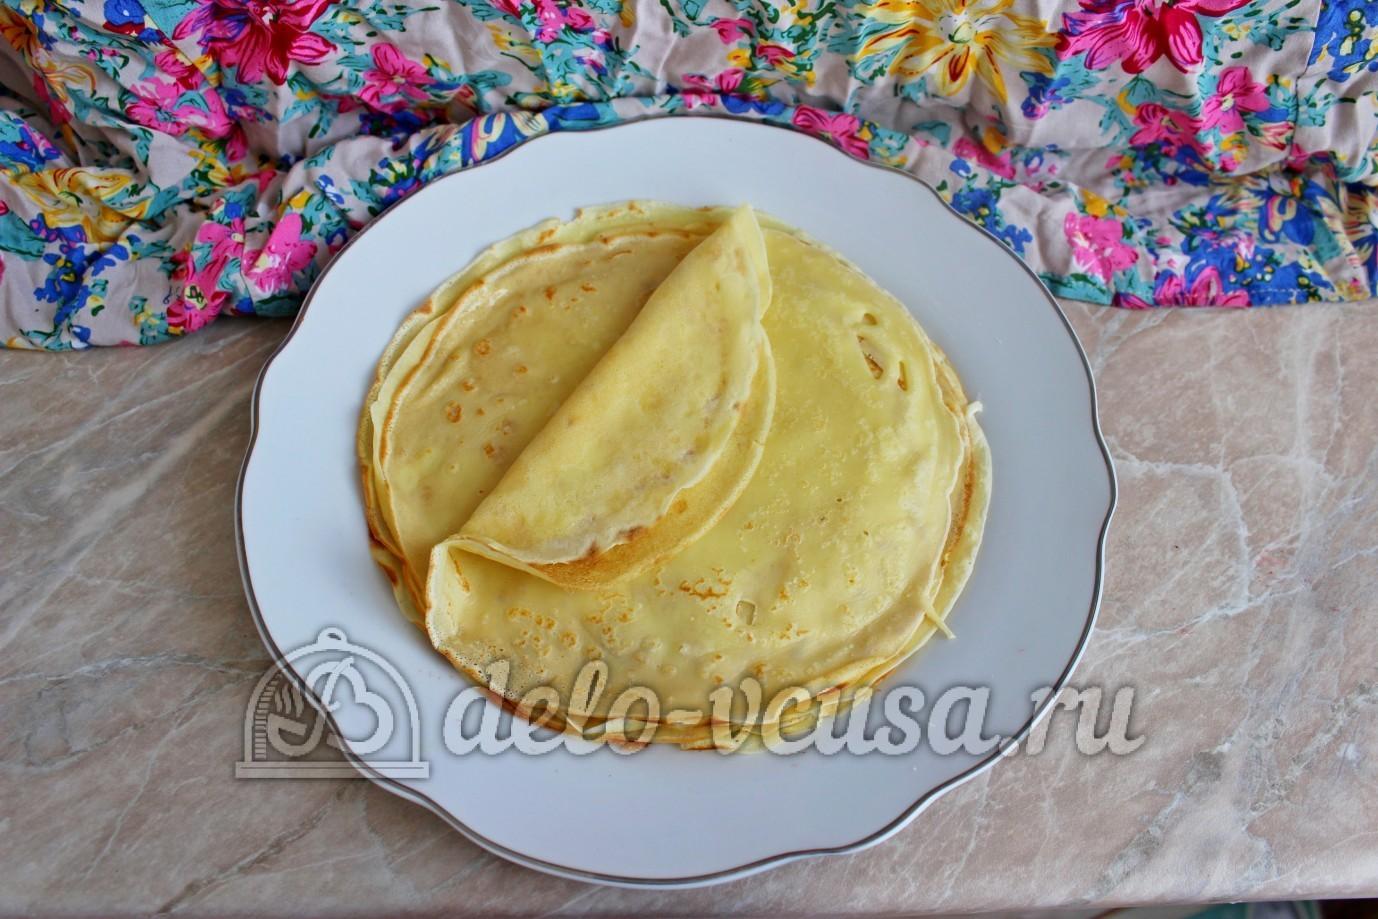 Блины на воде с яйцами пошаговый рецепт с фото пошагово